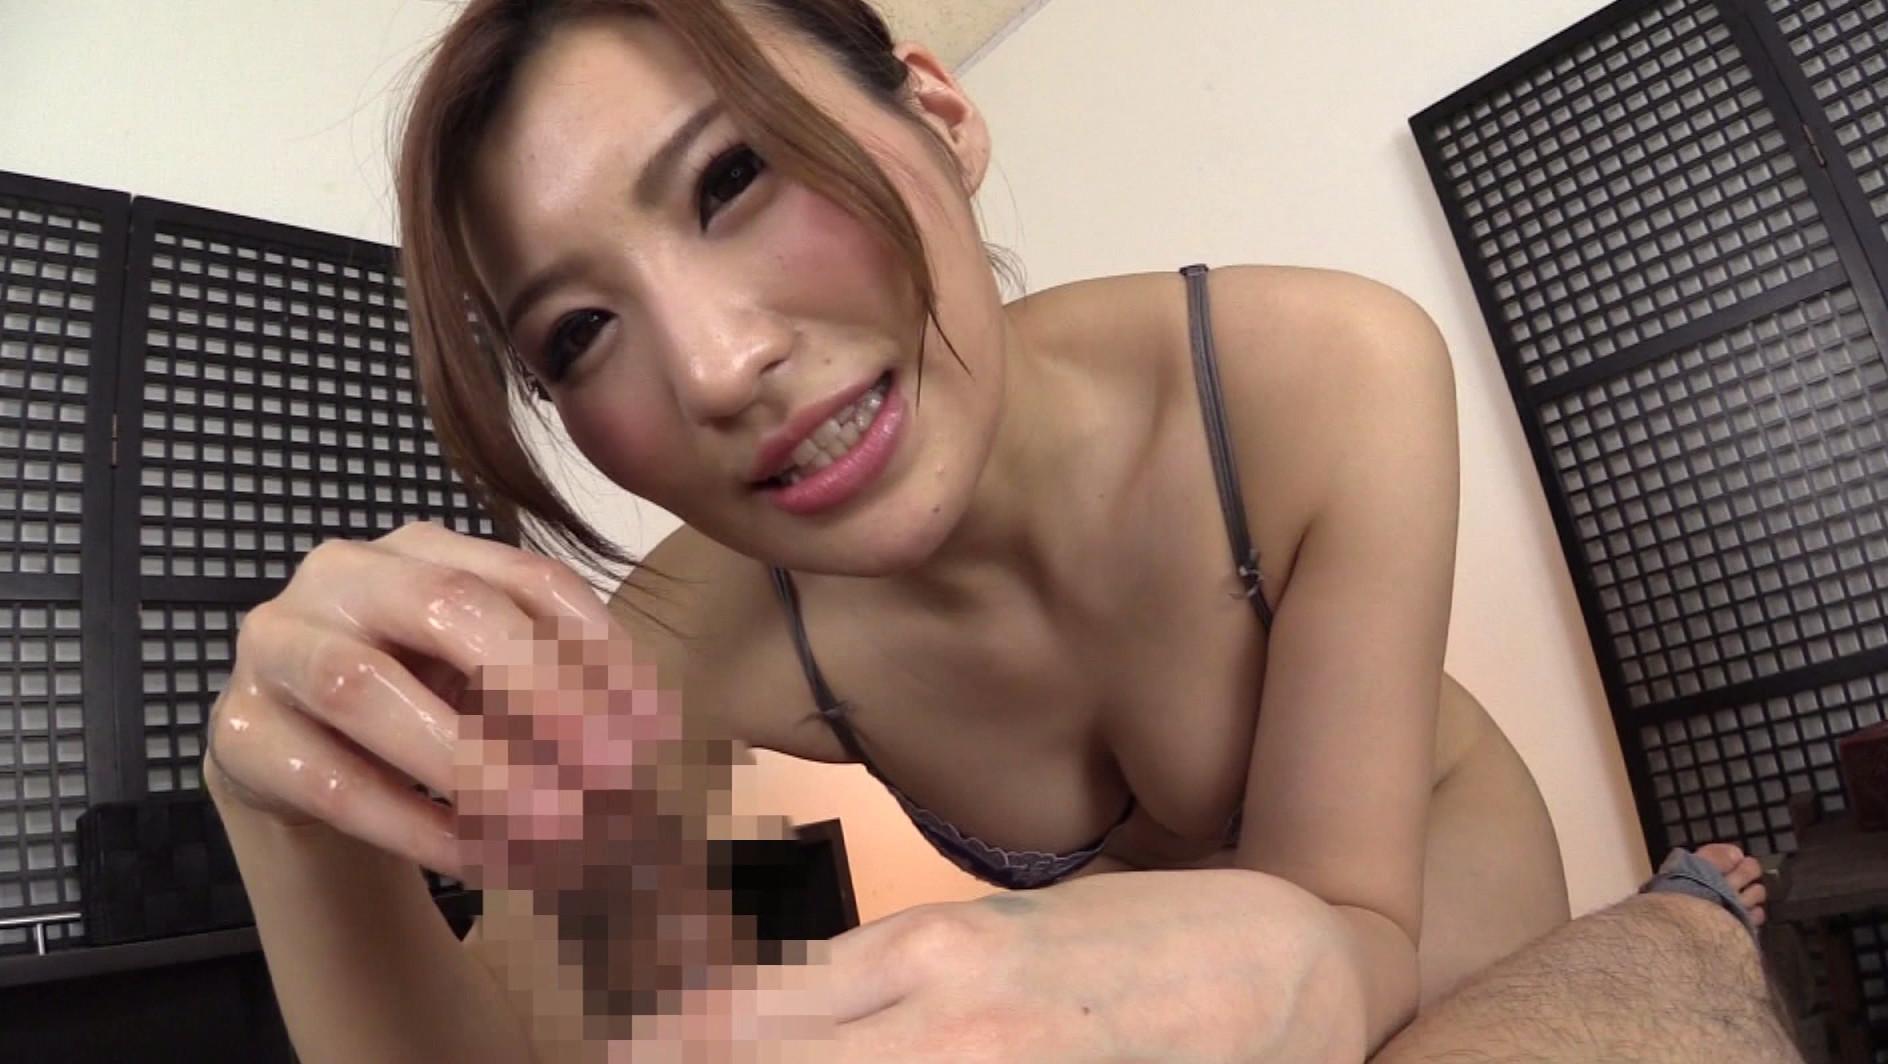 男のW潮吹き 前潮・射精・後潮のトリプルオーガズム 夏希みなみ 画像8